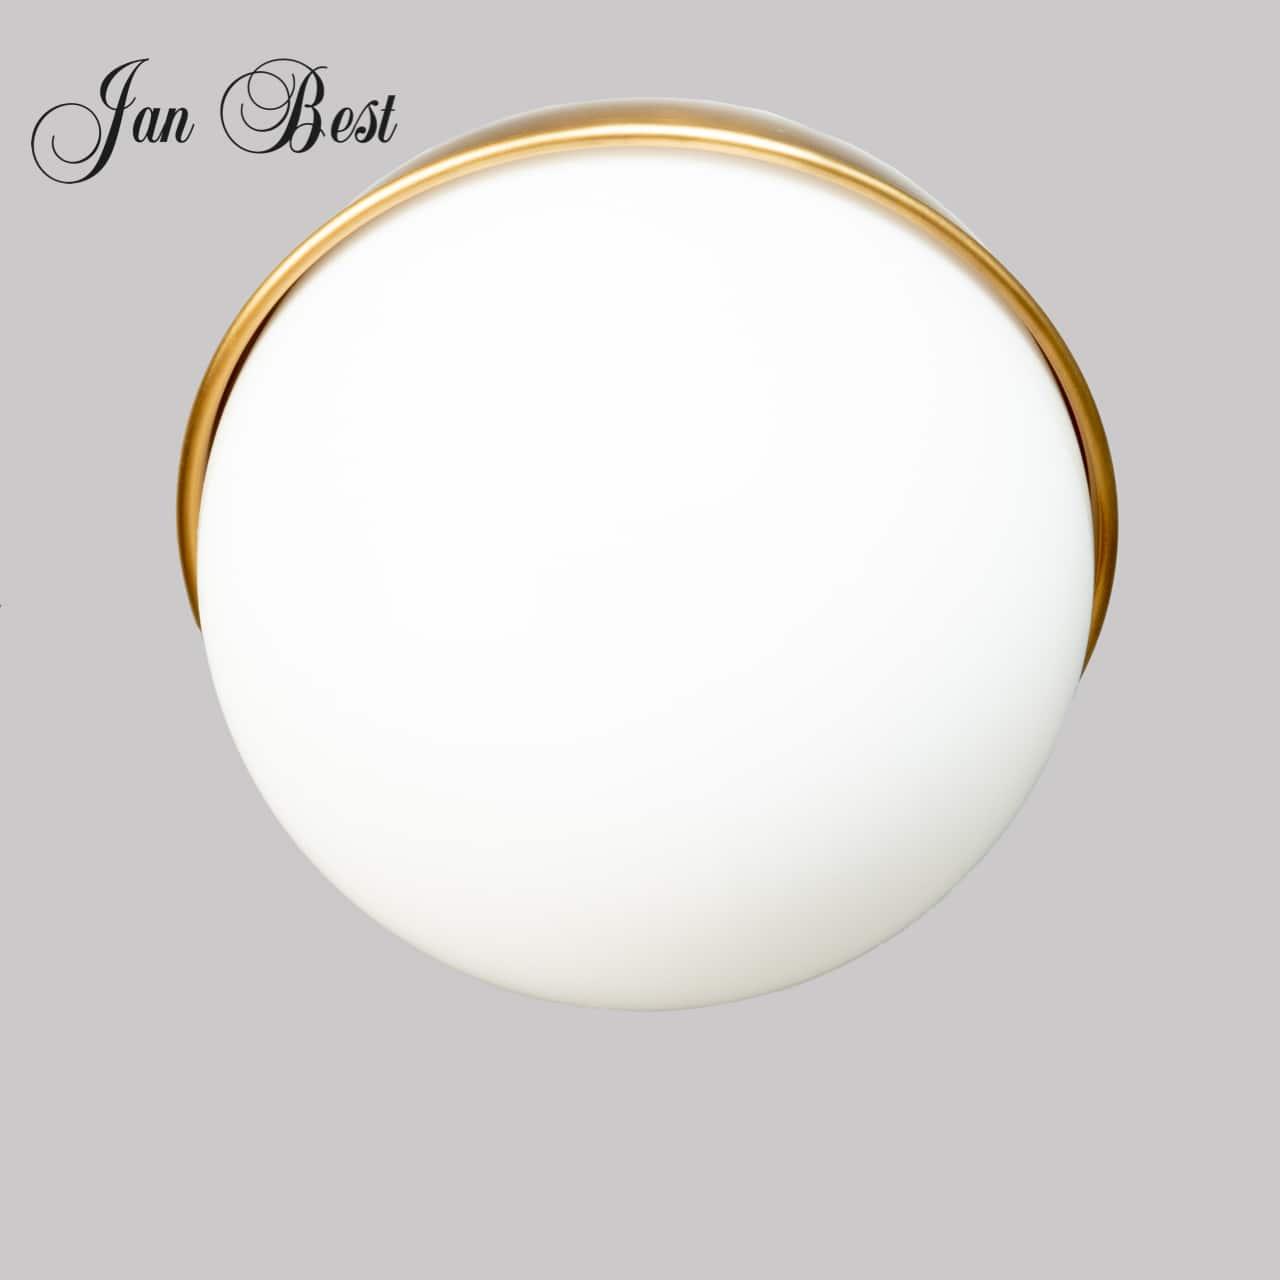 Jan-Best-messing-brons-wandlamp-nostalgische-klassieke-horeca-landelijke-vintage-verlichting-aalsmeer